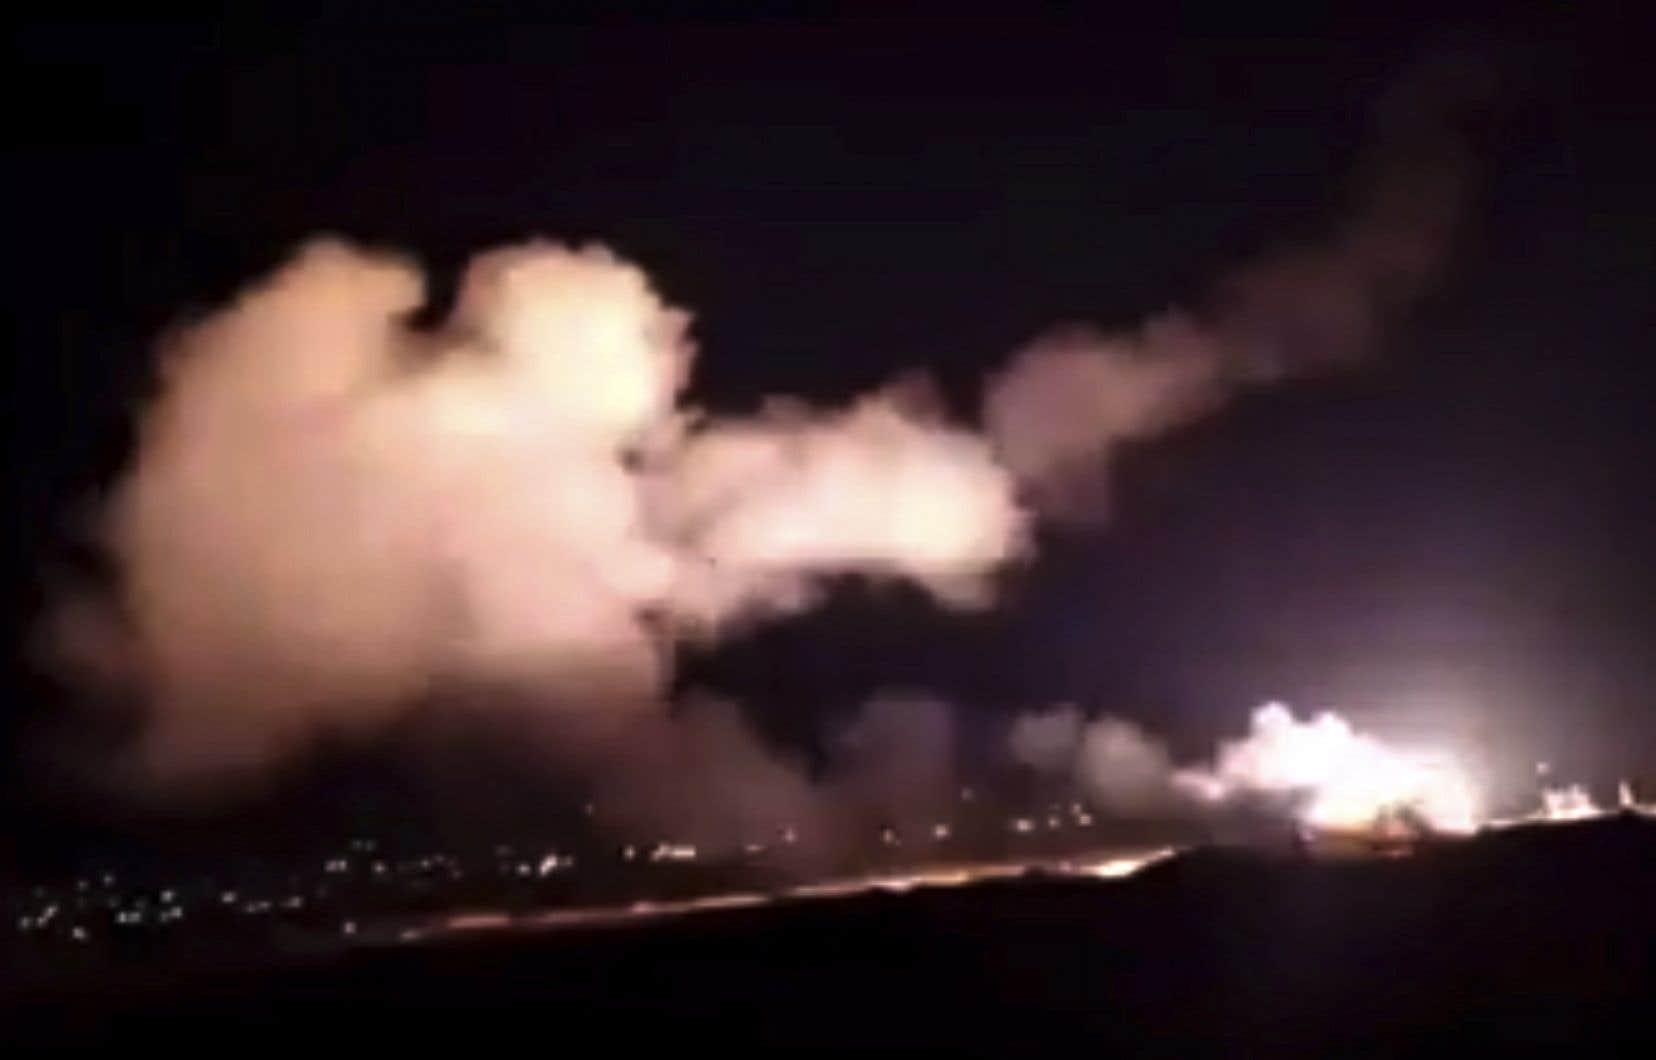 La défense antiaérienne de l'armée syrienne est entrée en action contre des «missiles» israéliens, mardi soir, a rapporté l'agence de presse officielle Sana.